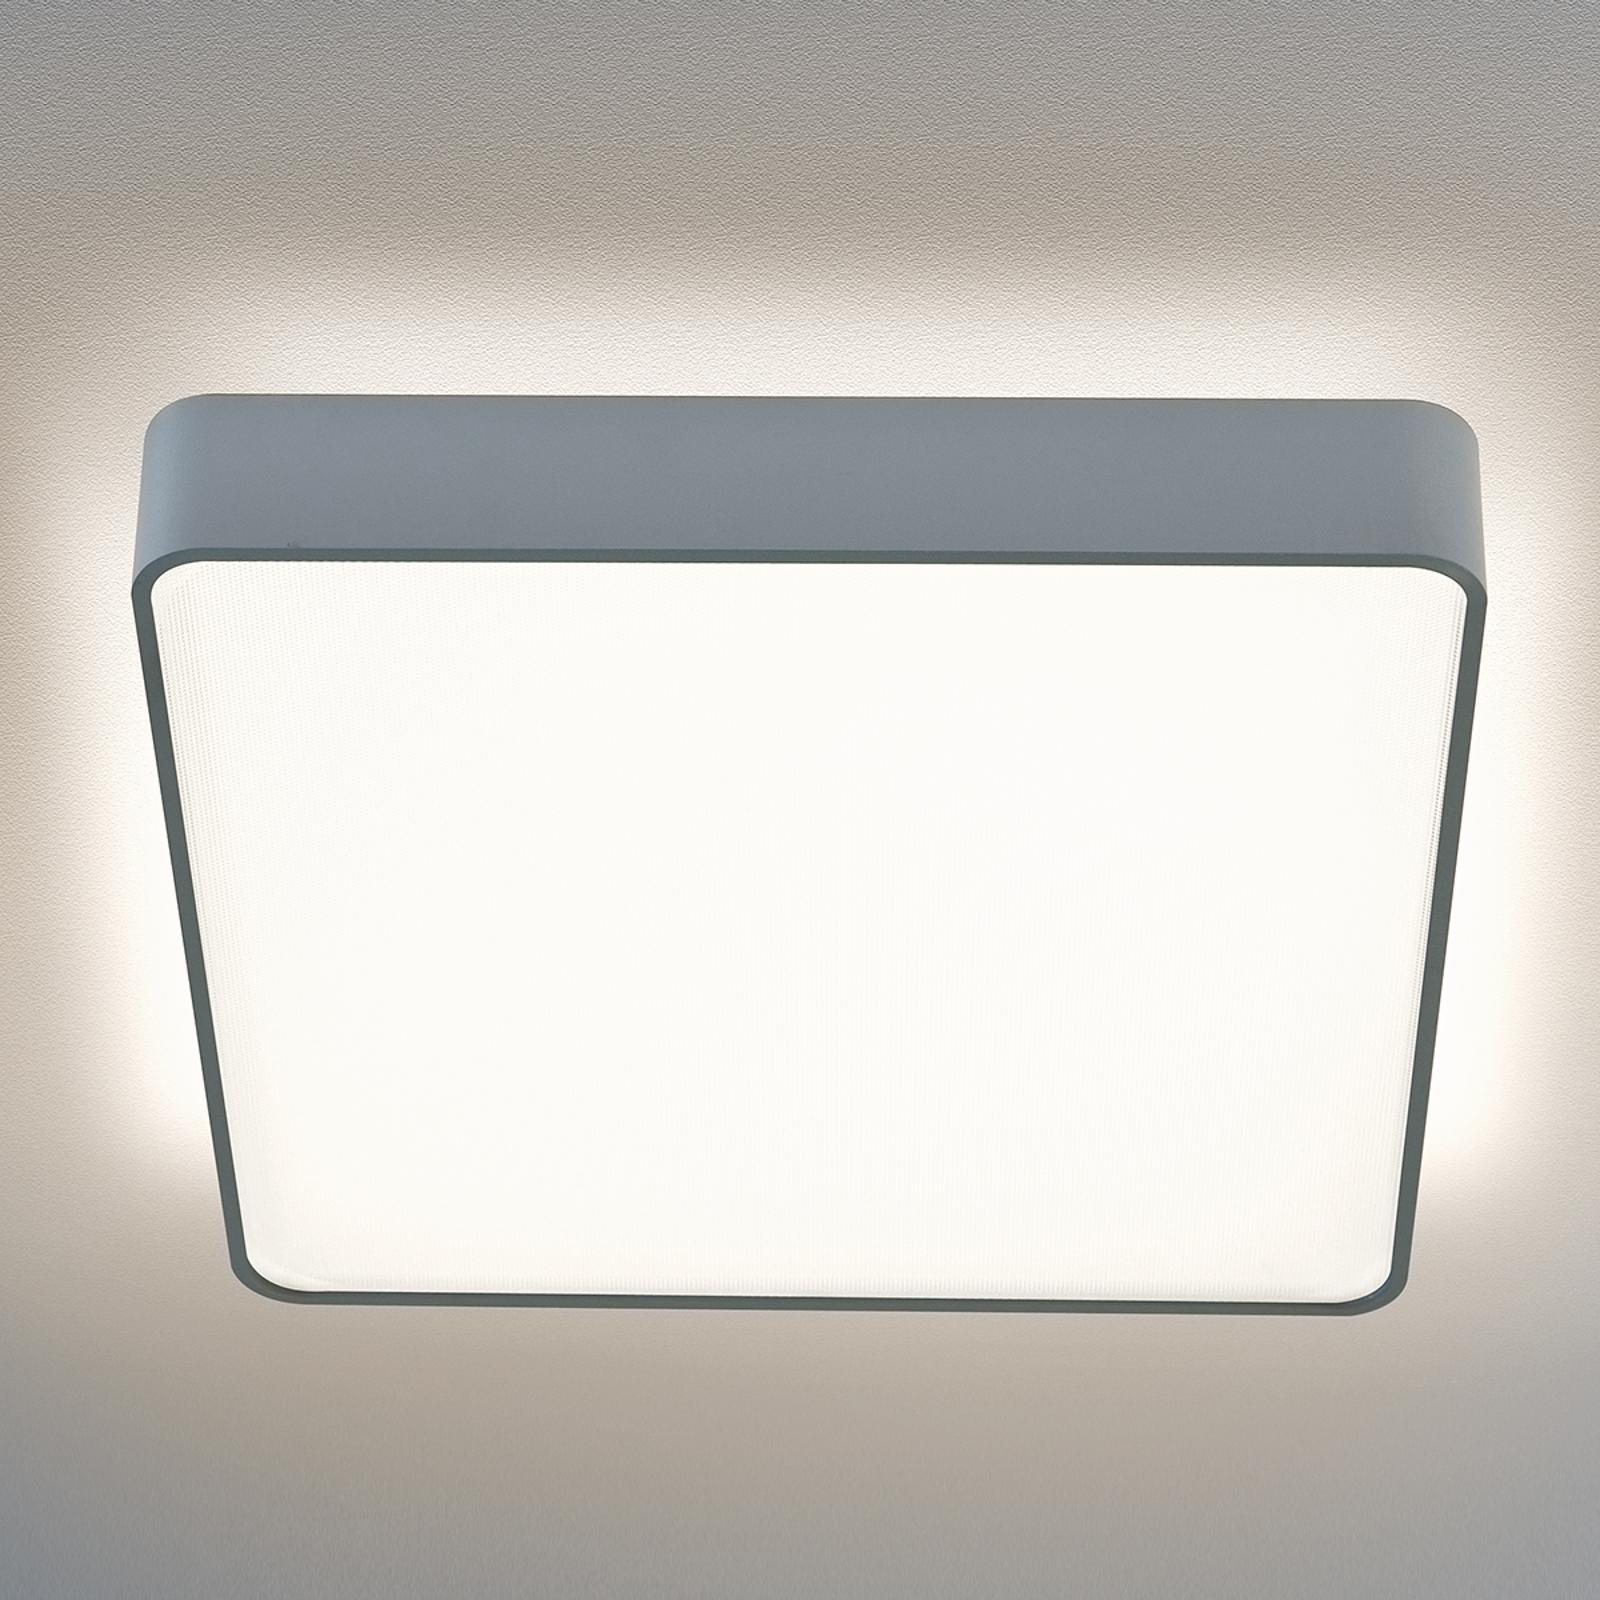 Plafondlamp Led Caleo-X2 ww 61,4 cm